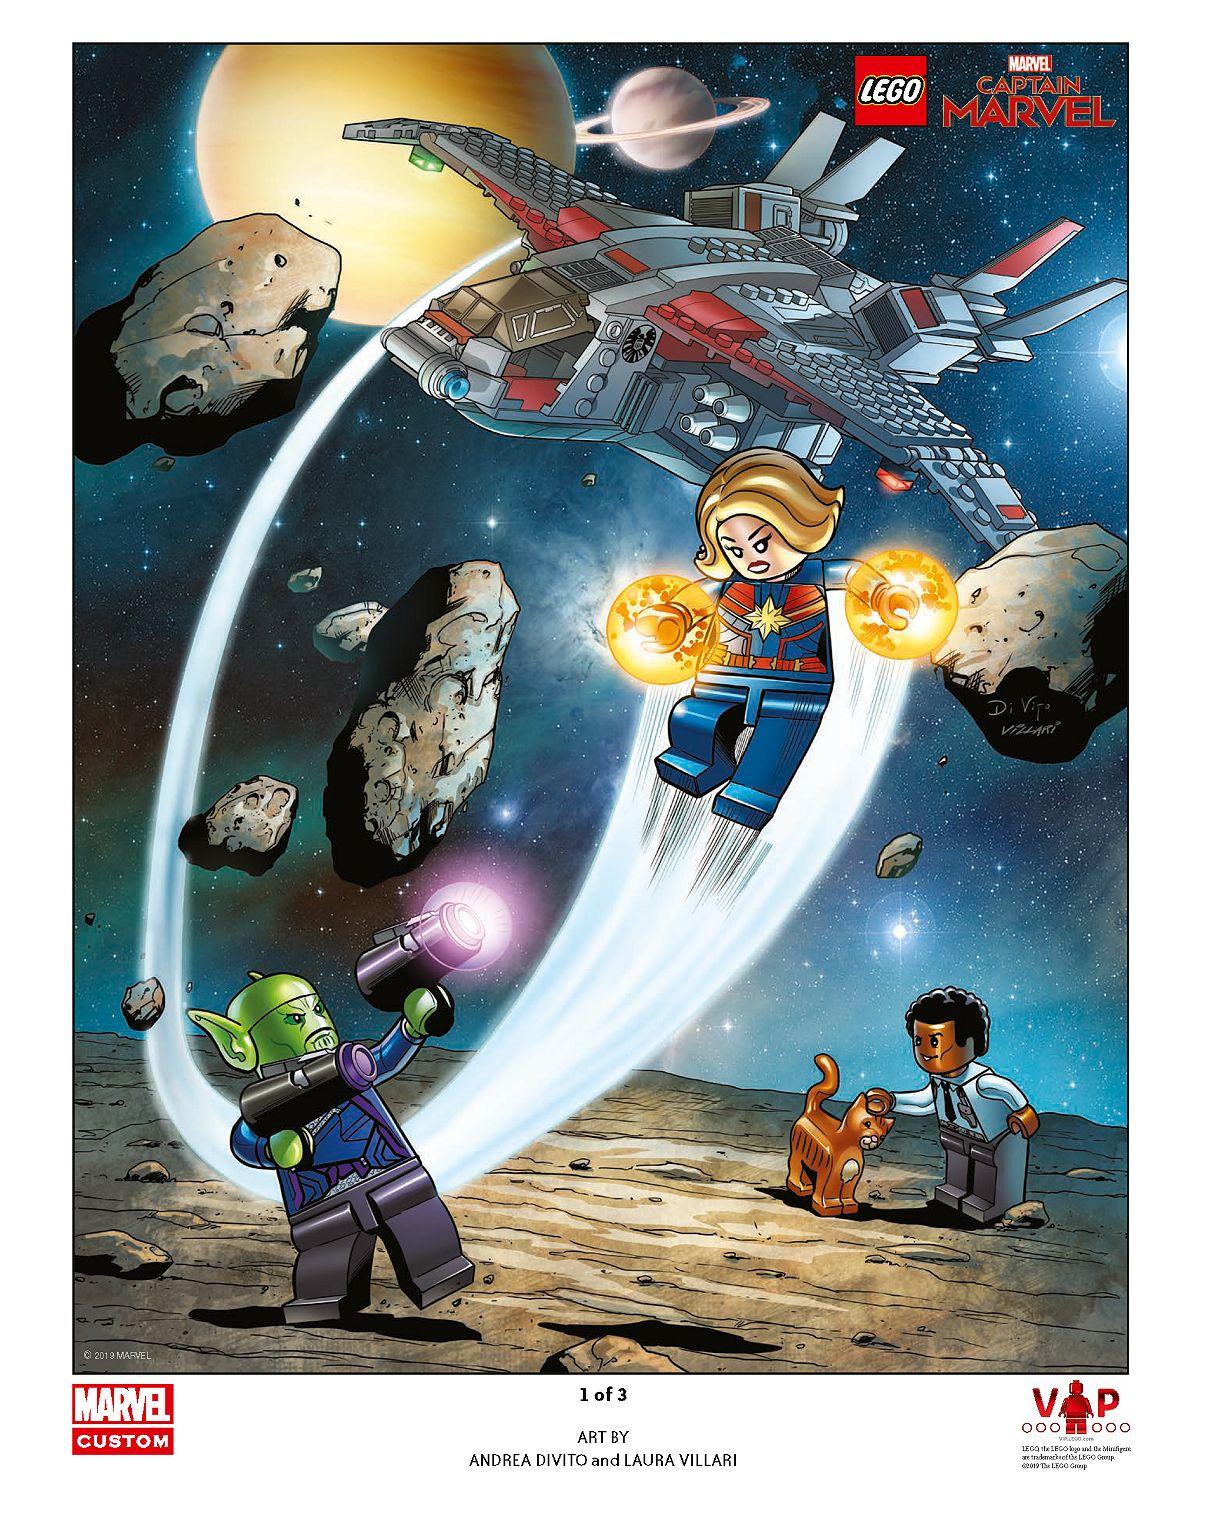 LEGO® Captain Marvel Art Print 1 of 3